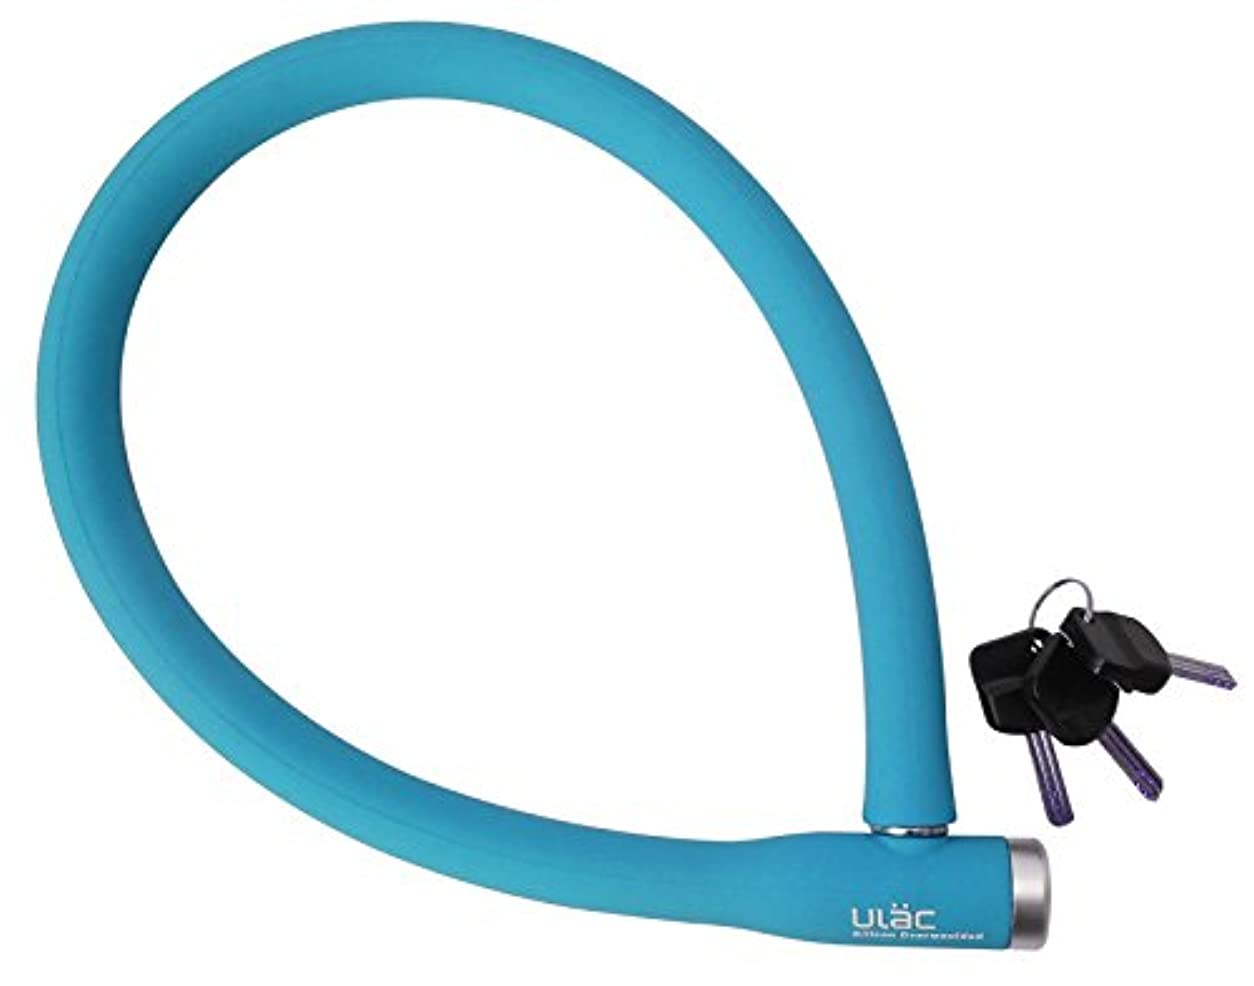 哲学博士酸度ビヨン自転車 鍵 ULAC ソフトタッチシリコンボディ ケーブルロック BERLIN ST3 70cm ブルー 71713